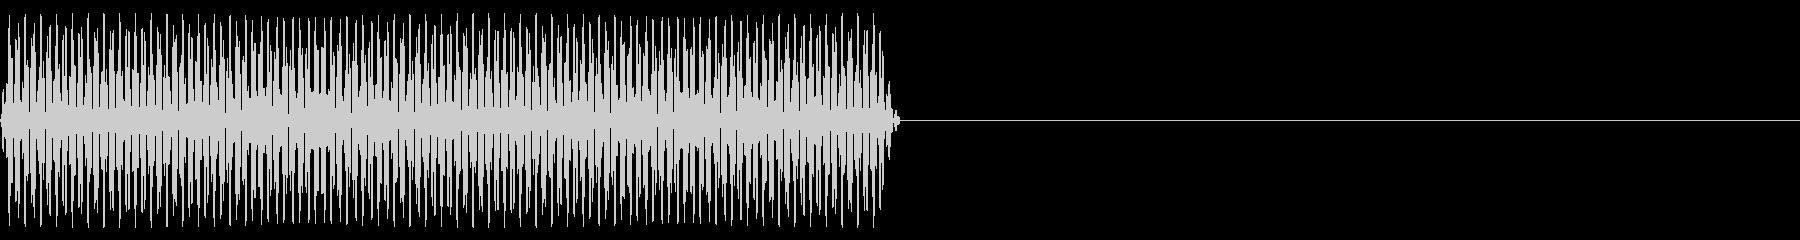 『ピッ』電話のプッシュ音(A)-単音の未再生の波形